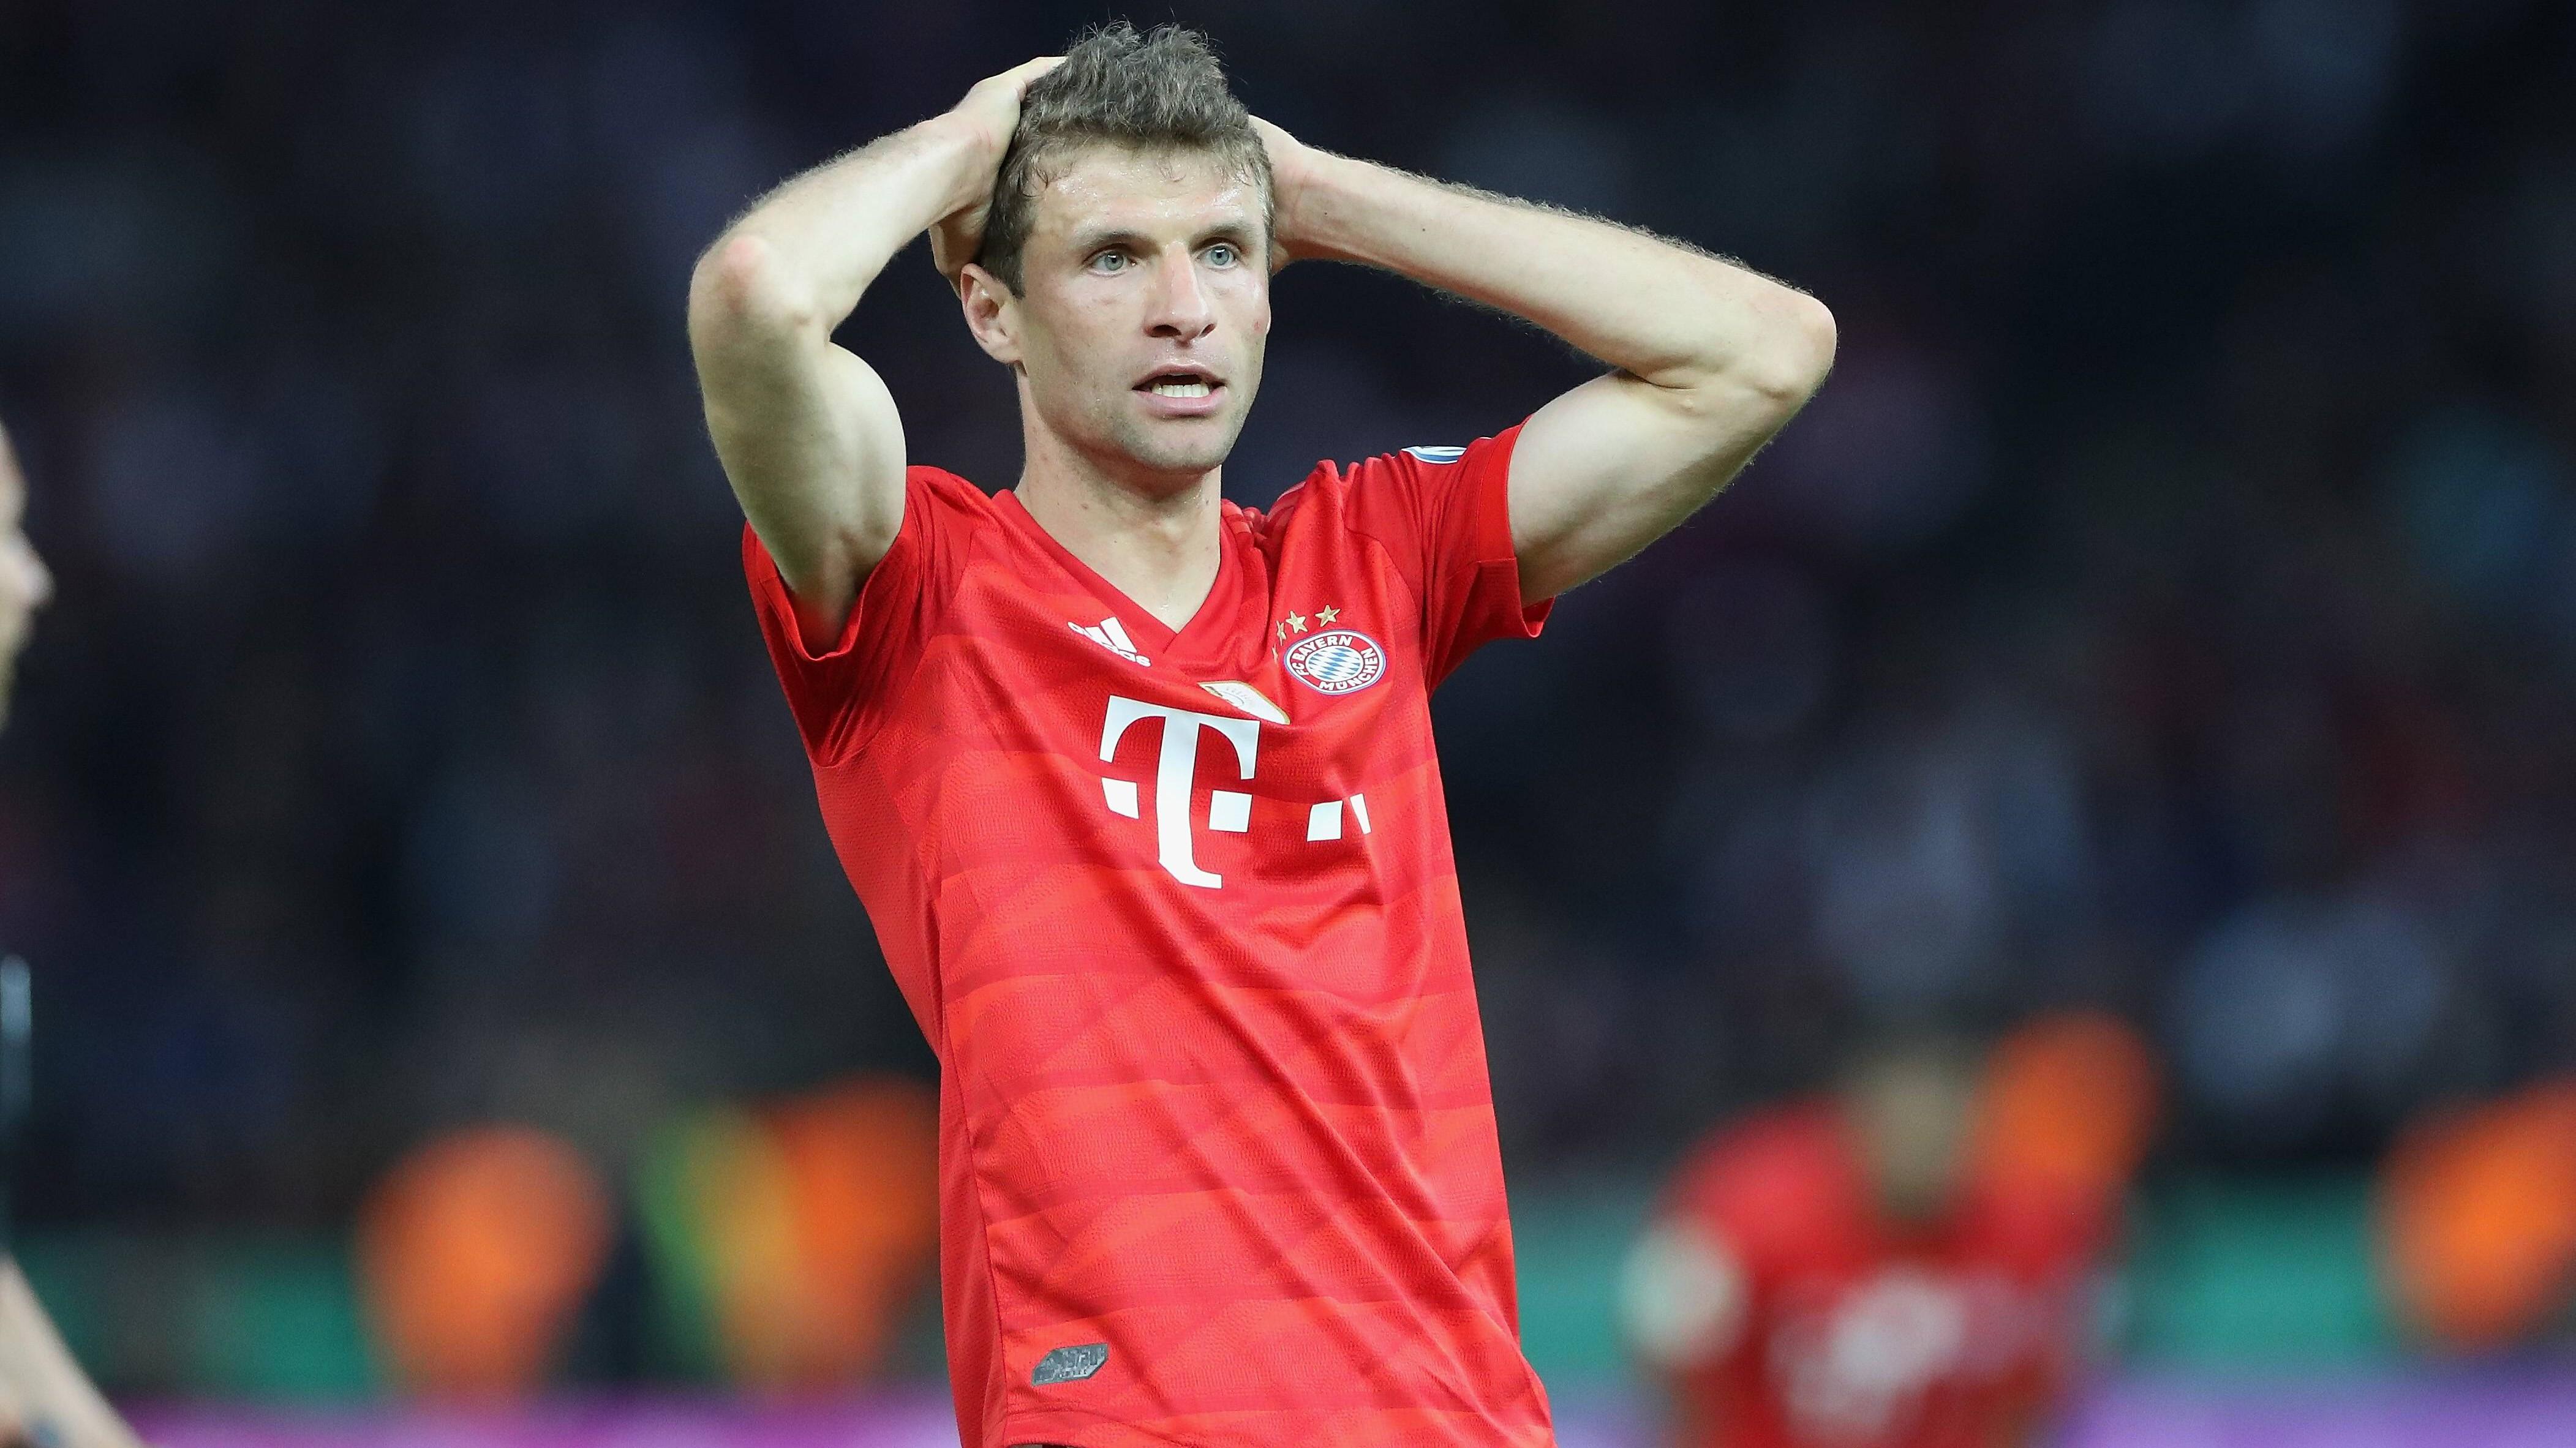 Daten-Analyst erklärt: Weder FC Bayern noch Gladbach wird Meister